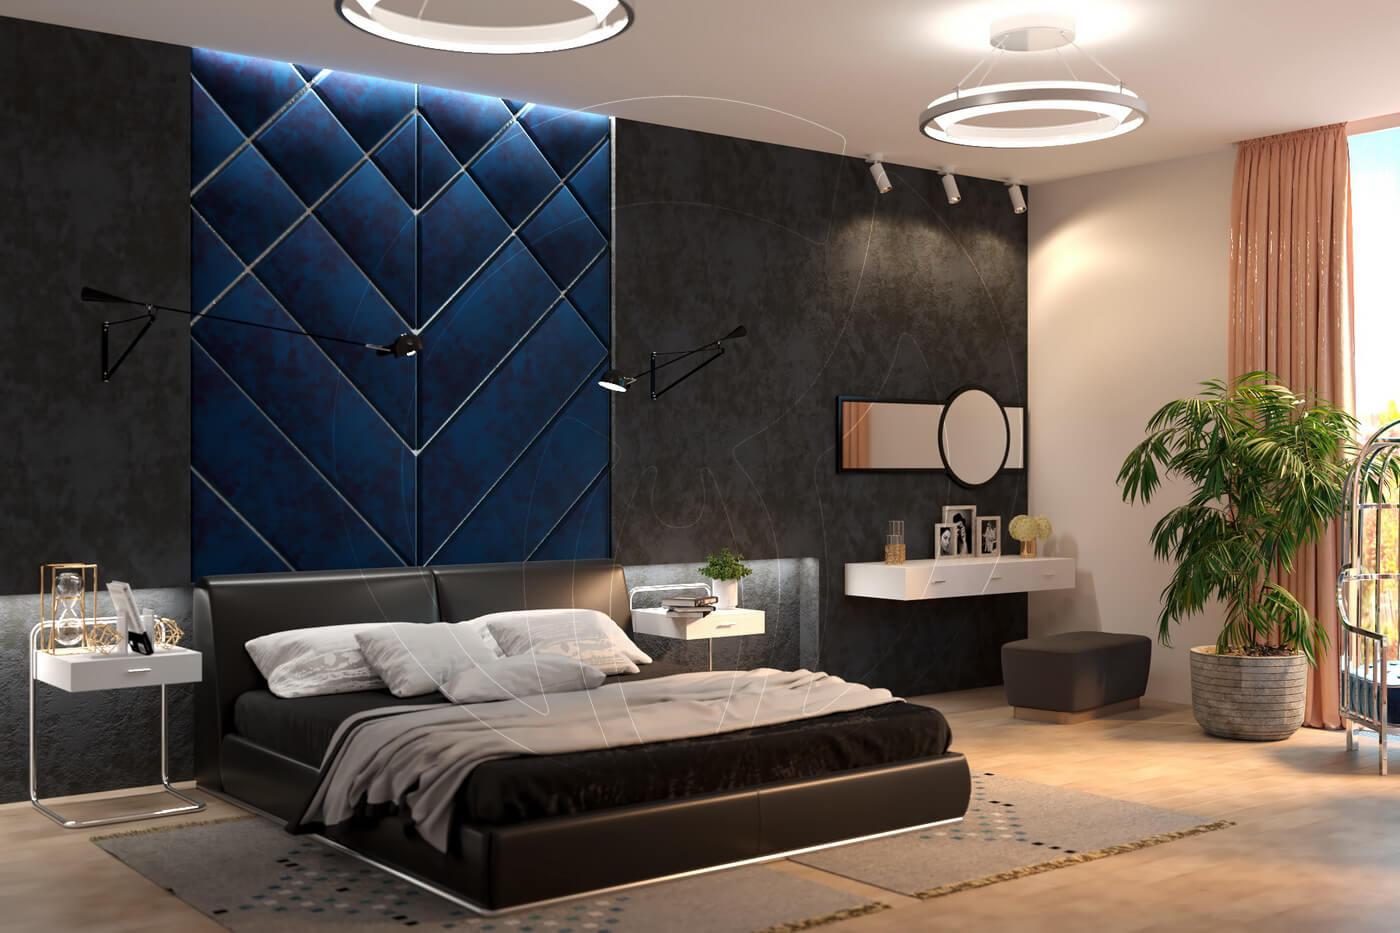 Загородный дом в современном стиле. Спальня. Кровать